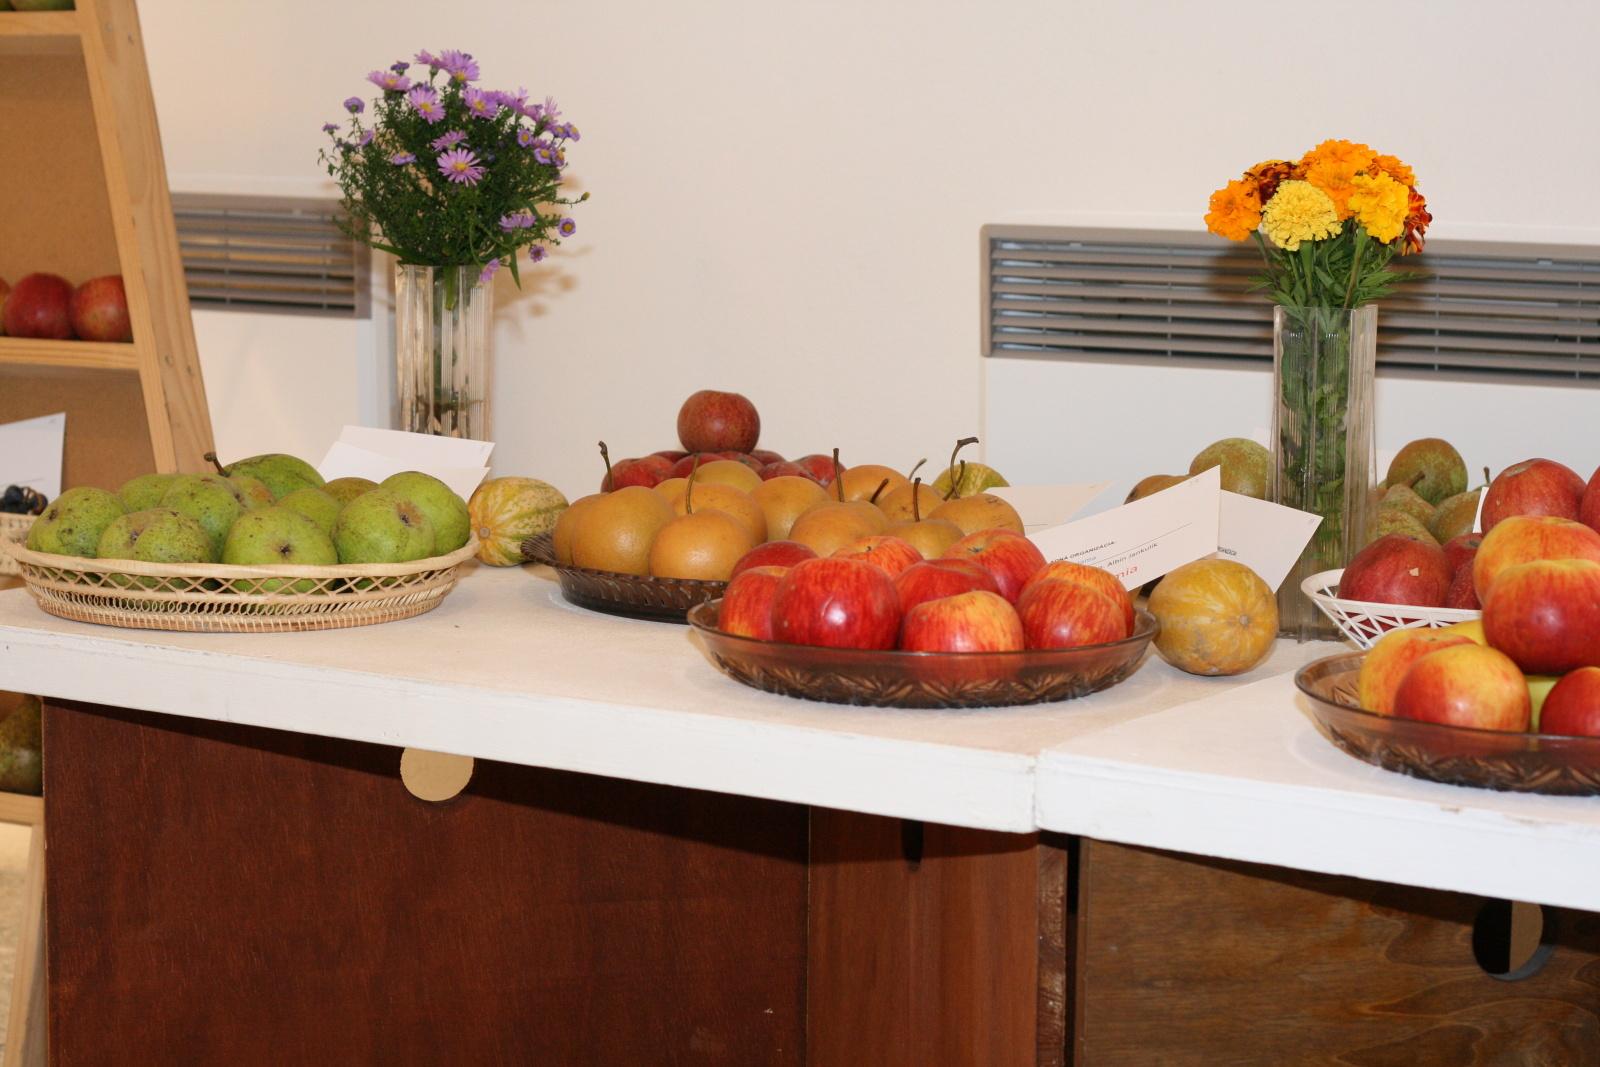 vystava-ovocia-zeleniny-zvolen-6